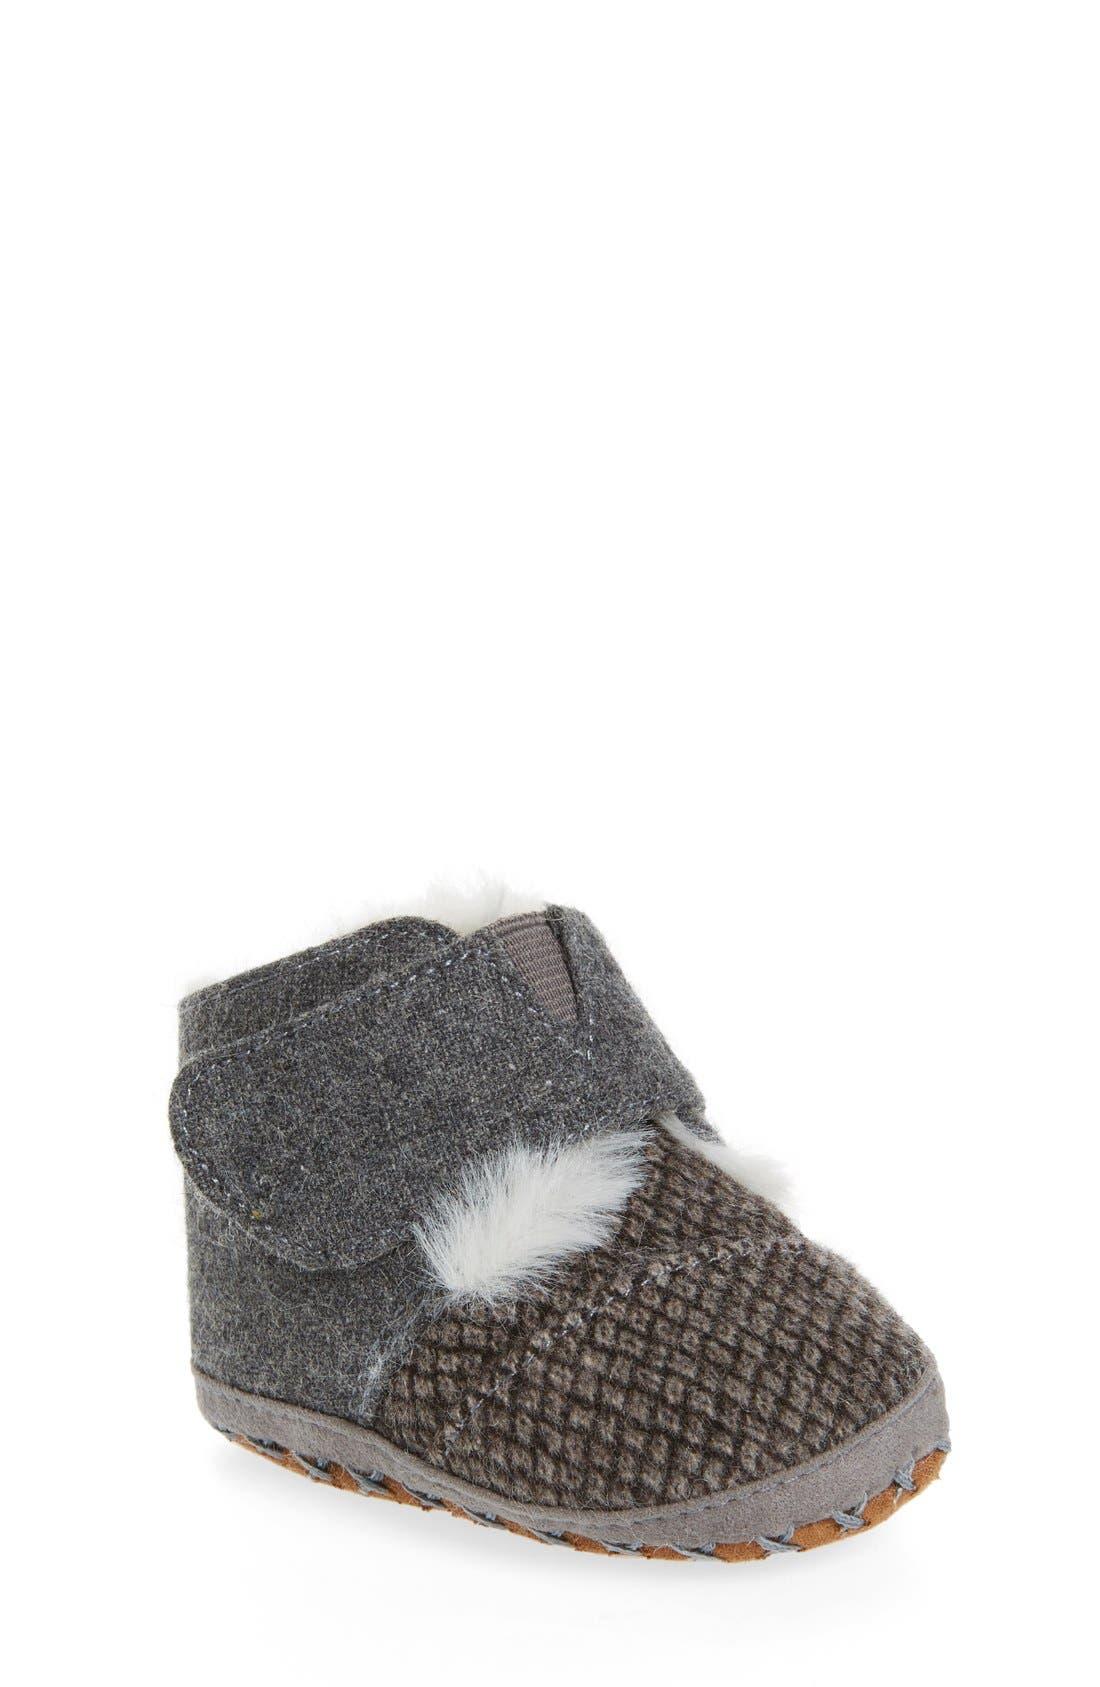 Cuna Crib Shoe,                         Main,                         color, Grey